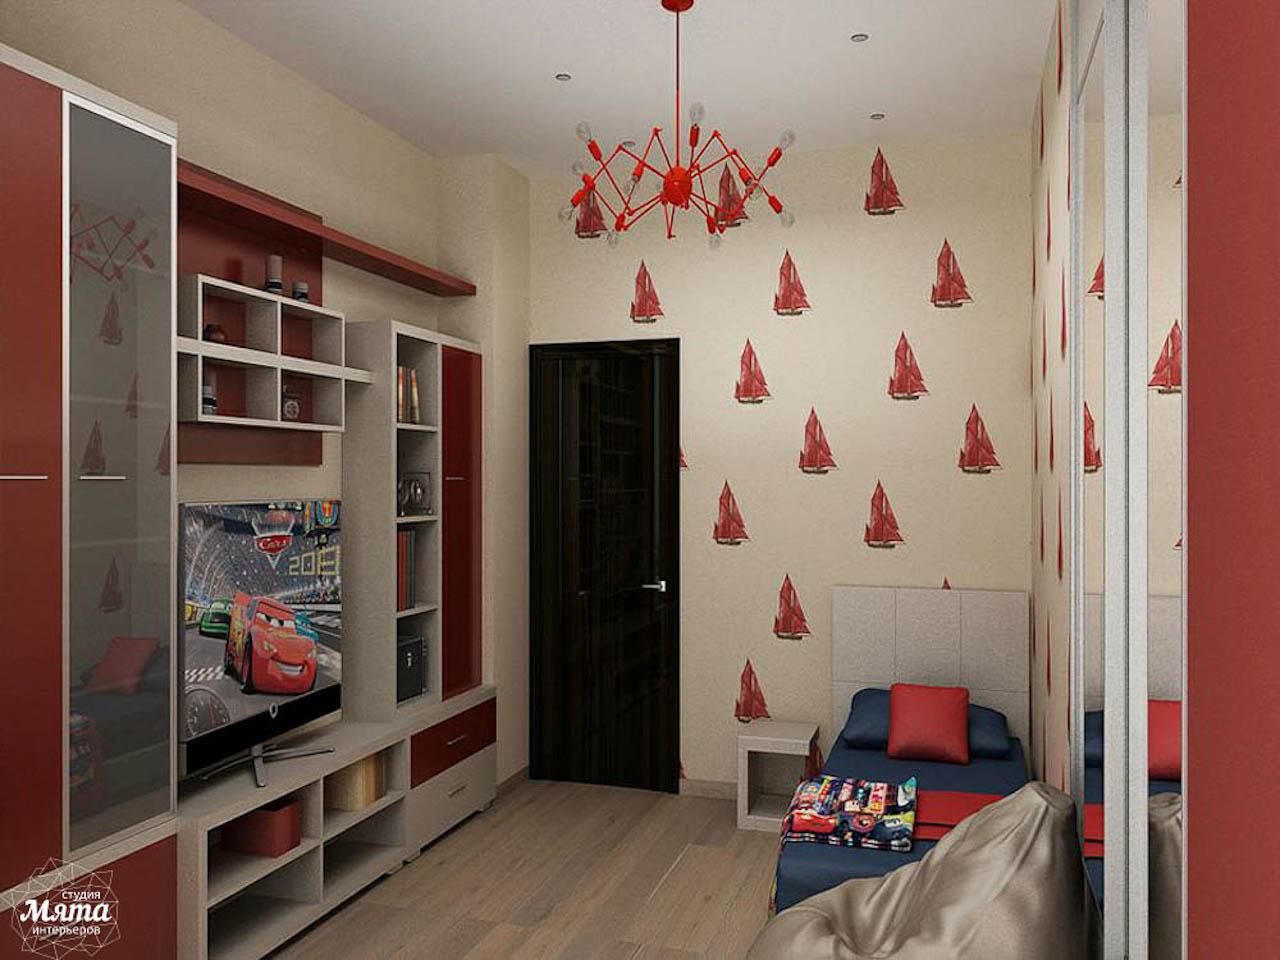 Дизайн интерьера трехкомнатной квартиры по ул. Николая Никонова 4 img239119111